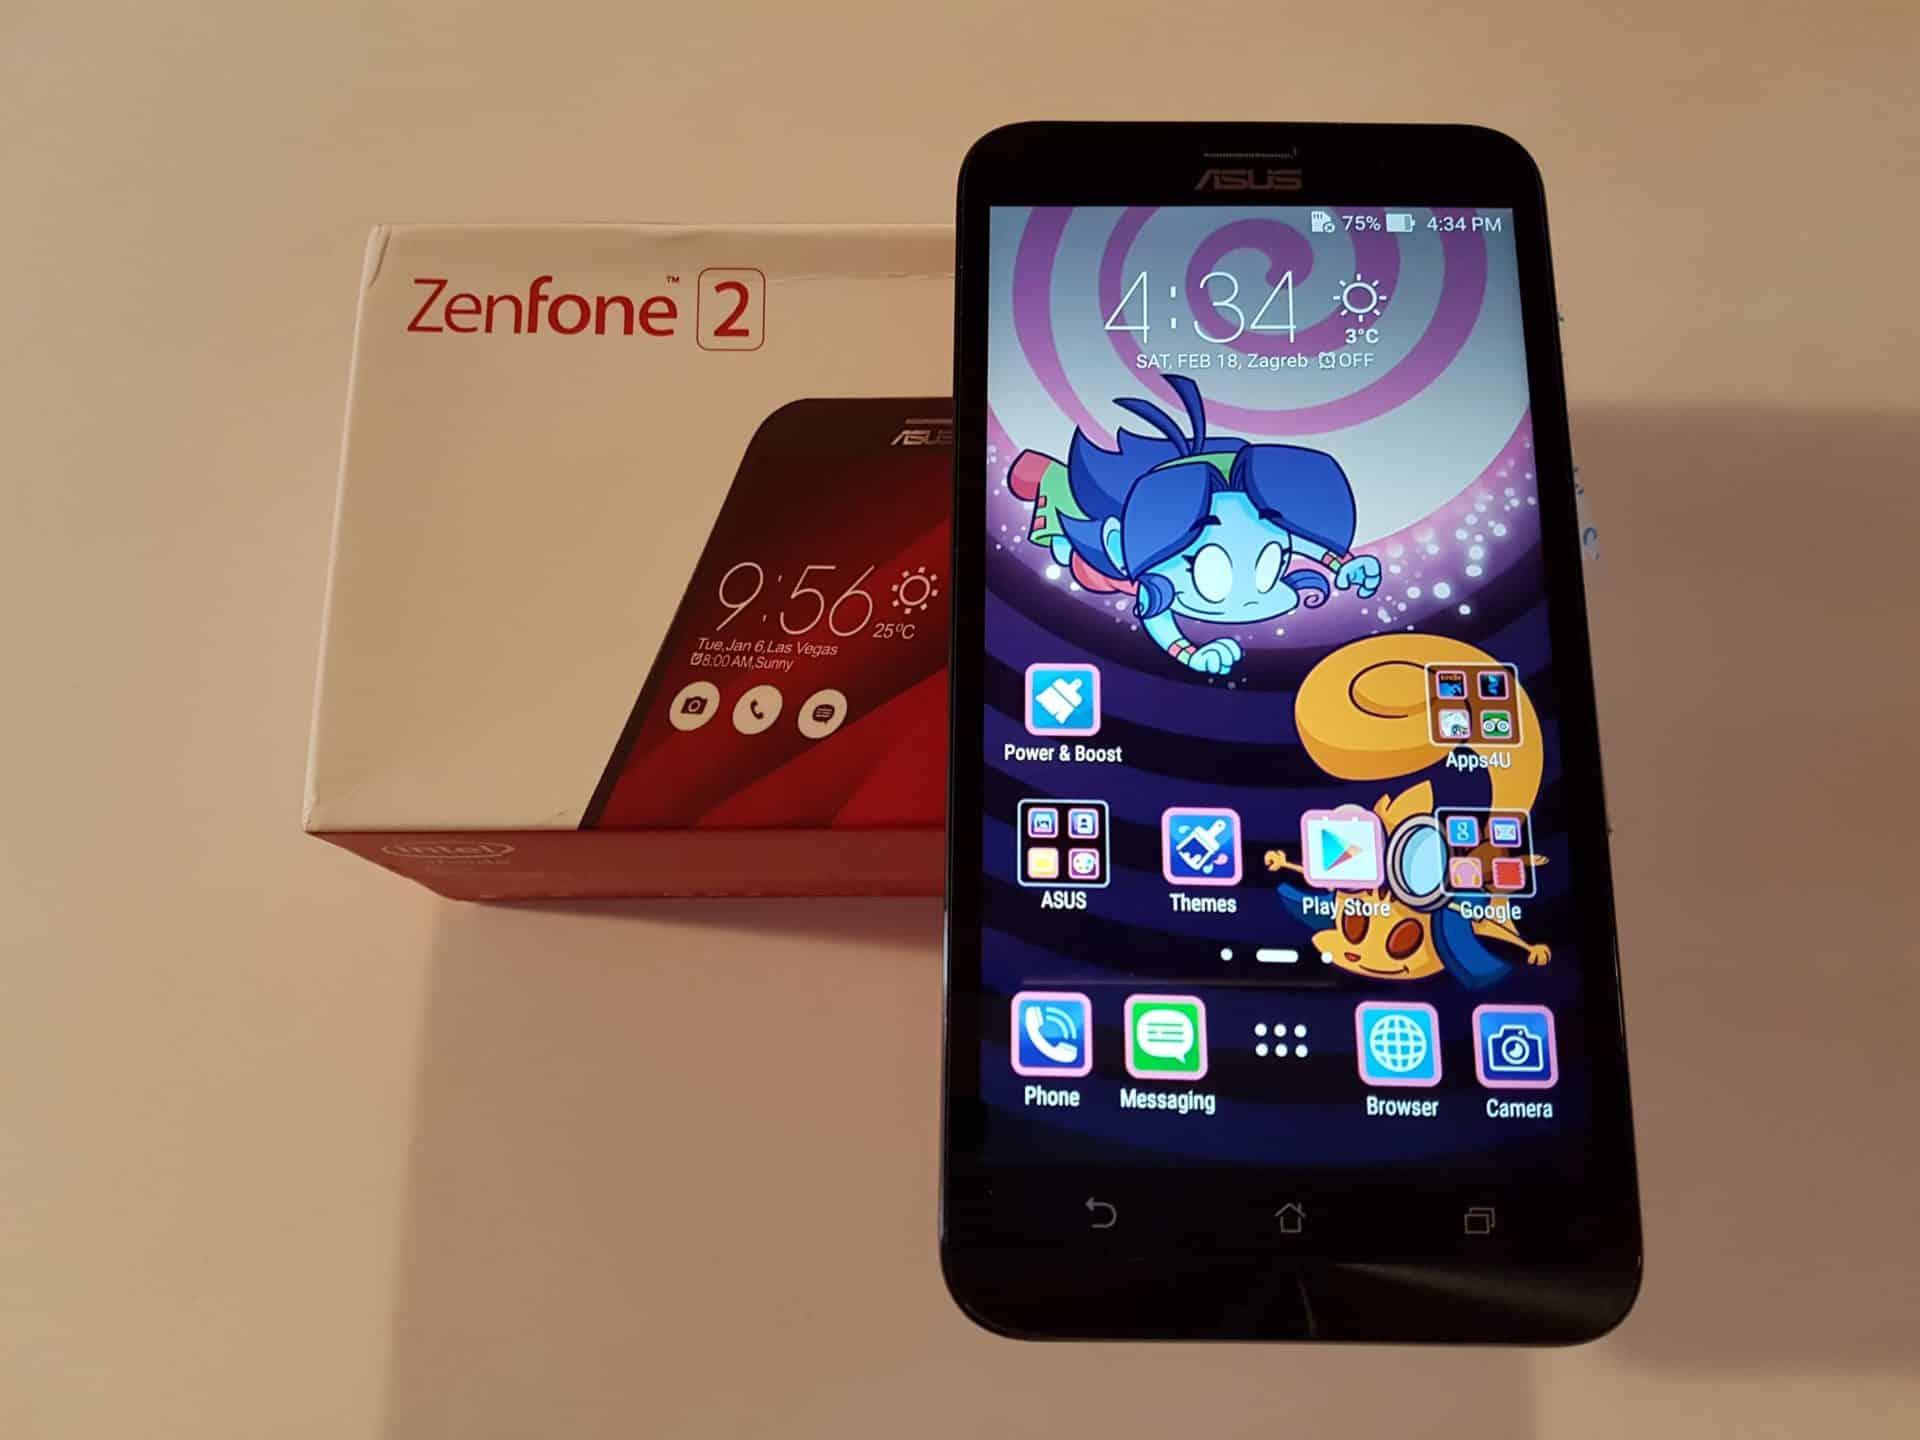 asus zenfone 2 4gb ram review